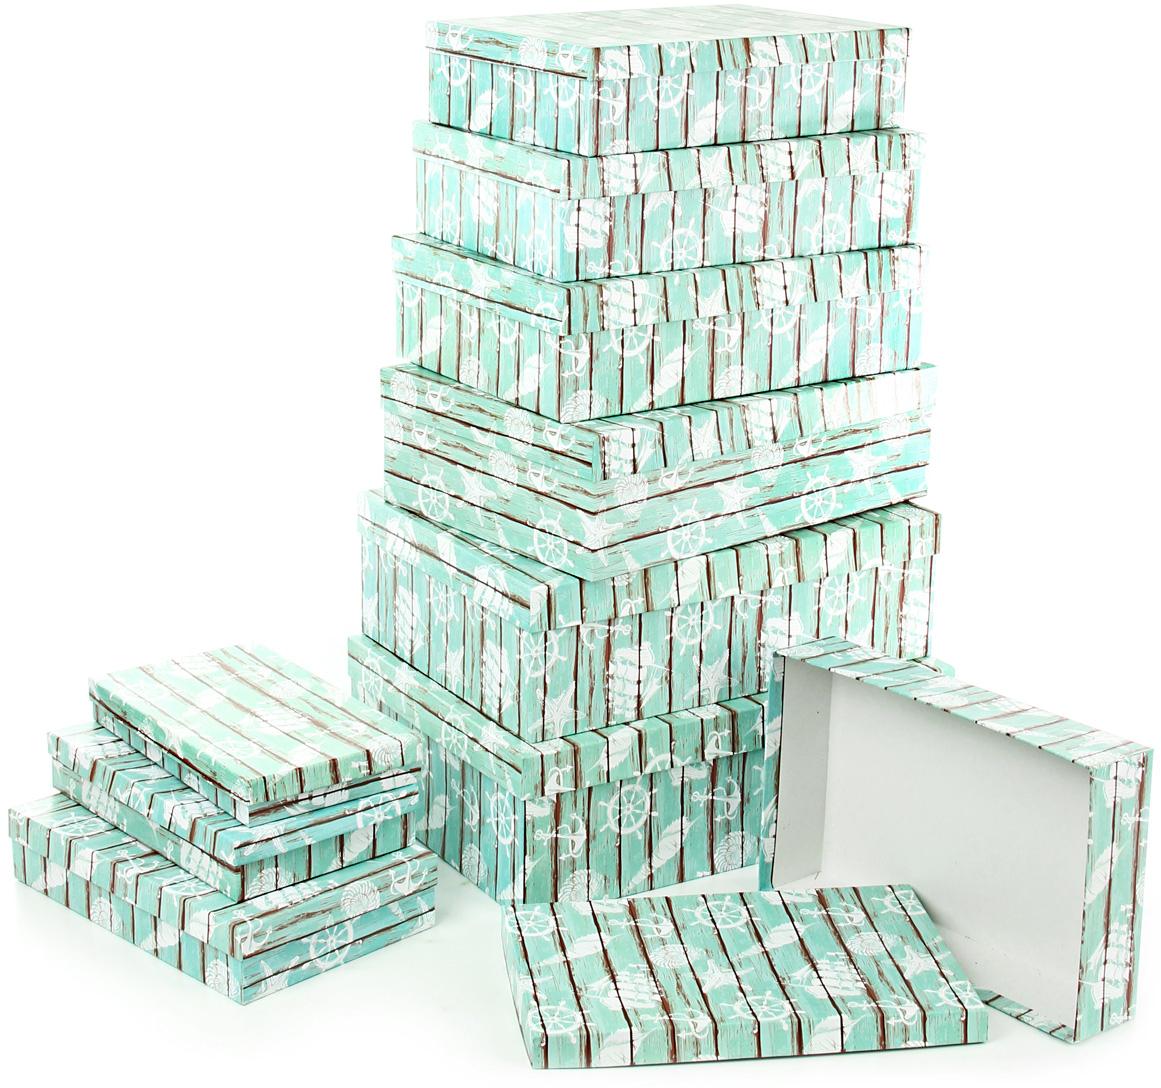 Набор подарочных коробок Veld-Co Грезы путешественника, 10 шт57581Подарочные коробки Veld-Co - это наилучшее решение, если выхотите порадовать ваших близких и создать праздничное настроение, ведь подарок, преподнесенный в оригинальной упаковке, всегда будет самым эффектным и запоминающимся. Окружите близких людей вниманием и заботой, вручив презент в нарядном, праздничном оформлении.